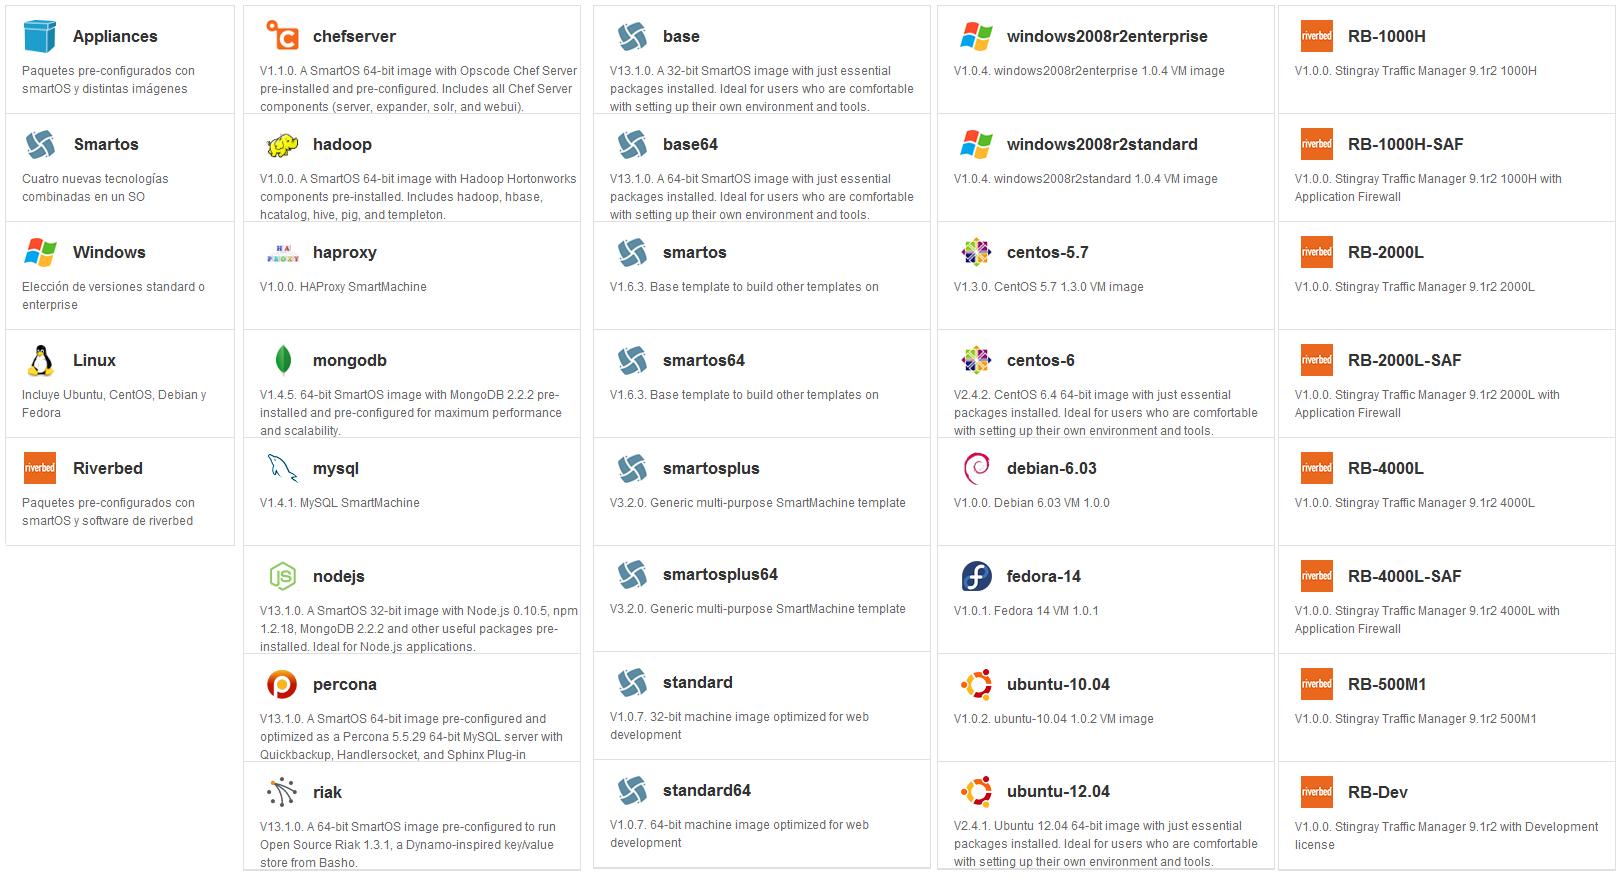 instant-servers-plantillas-aplicaciones